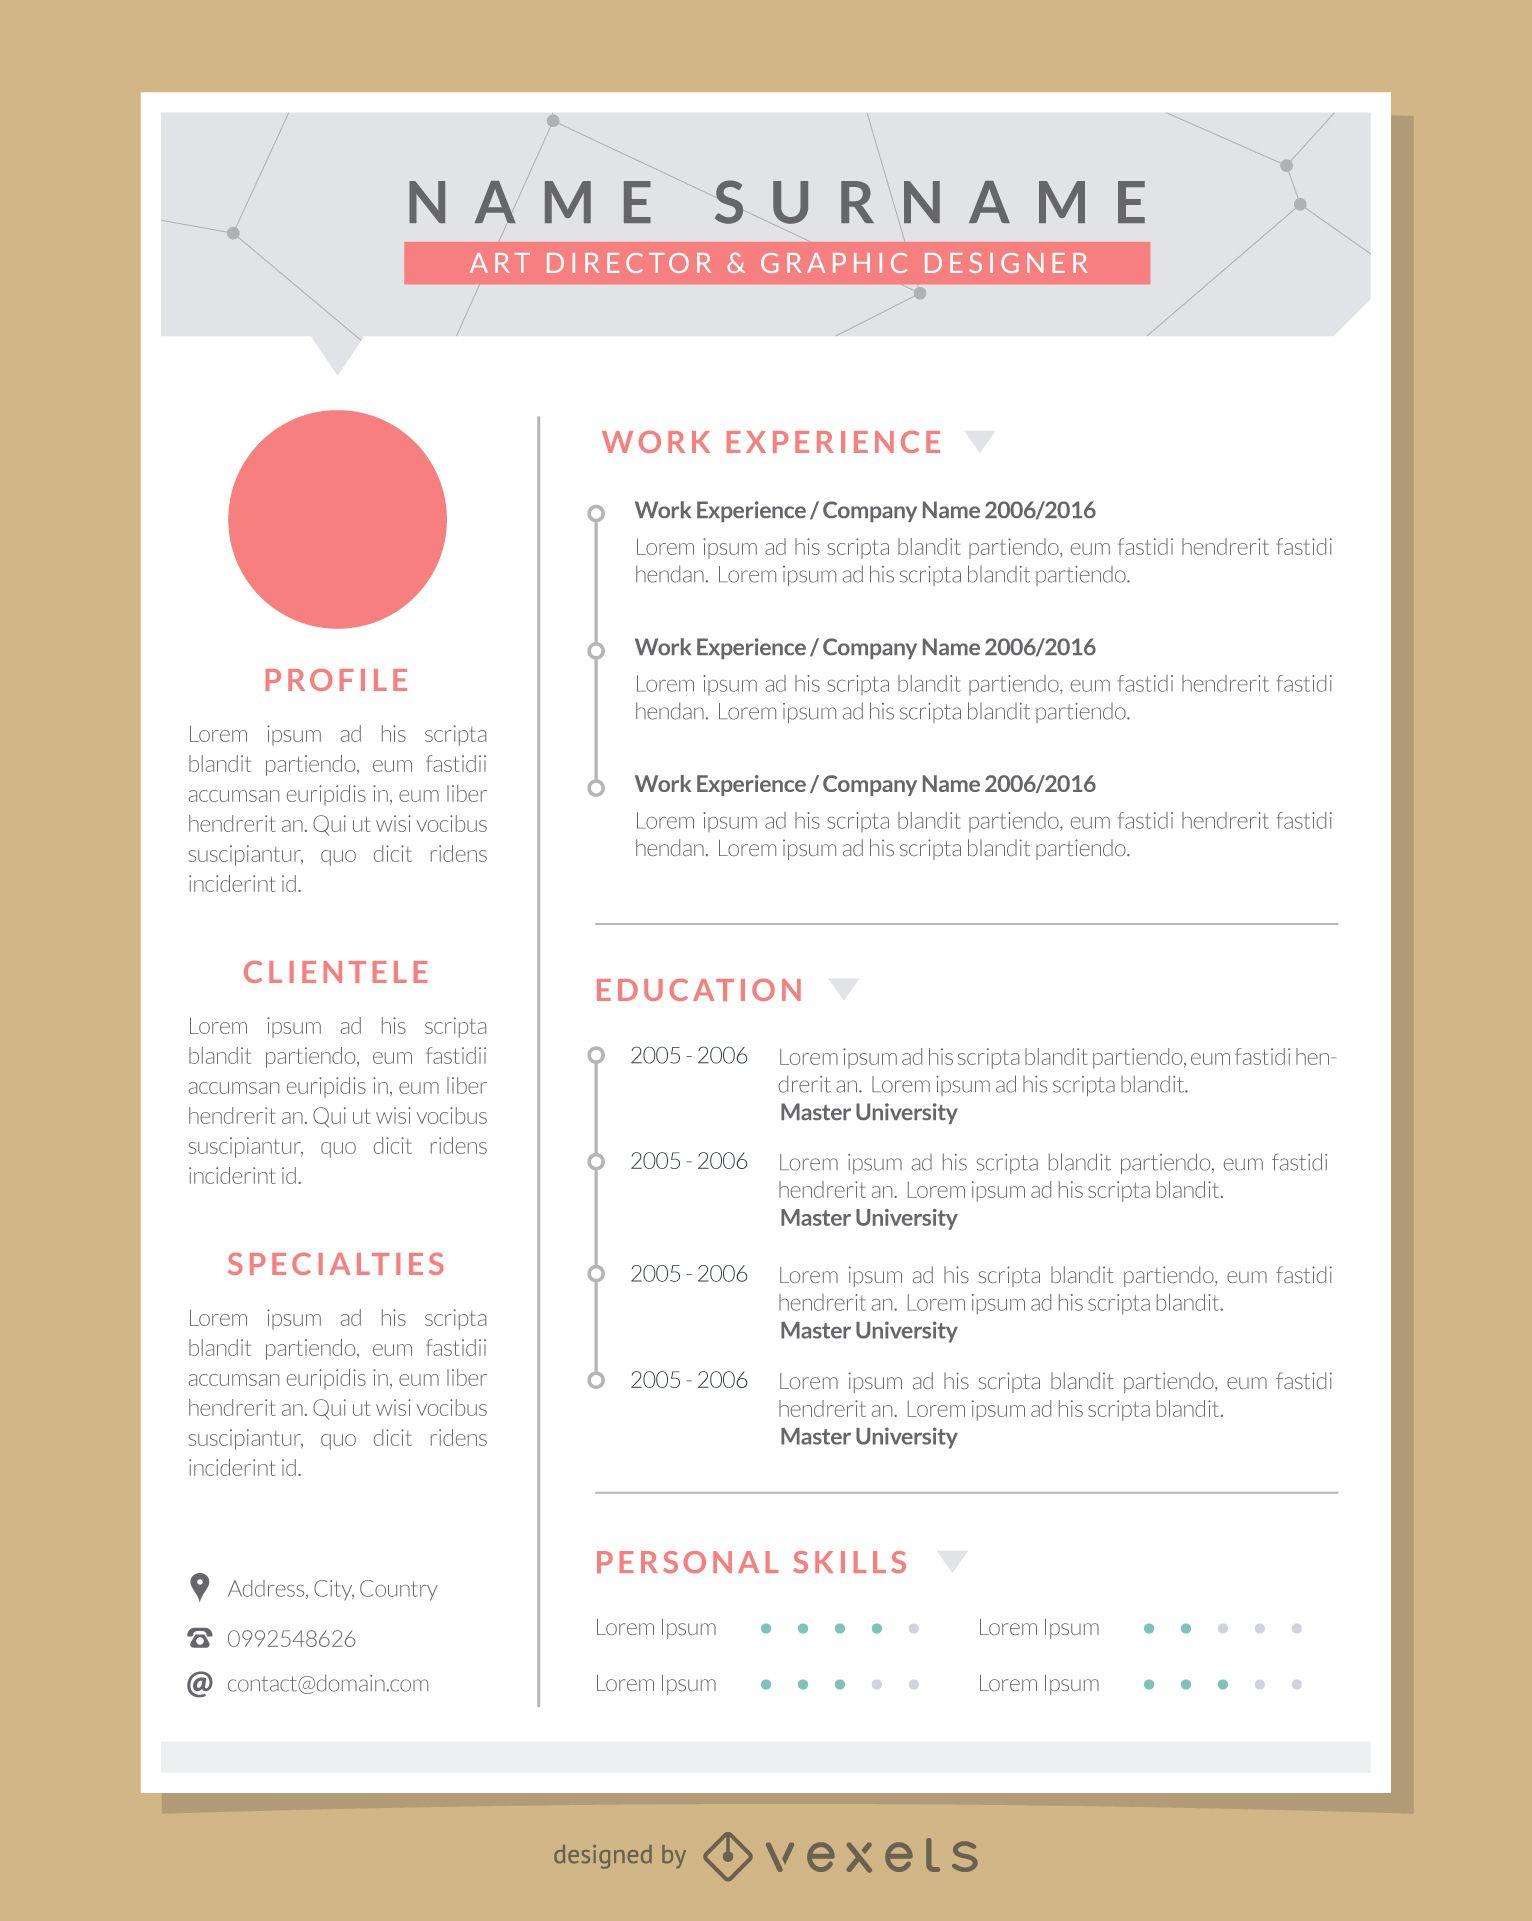 Plantilla del curriculum vitae del artista gráfico - Descargar vector